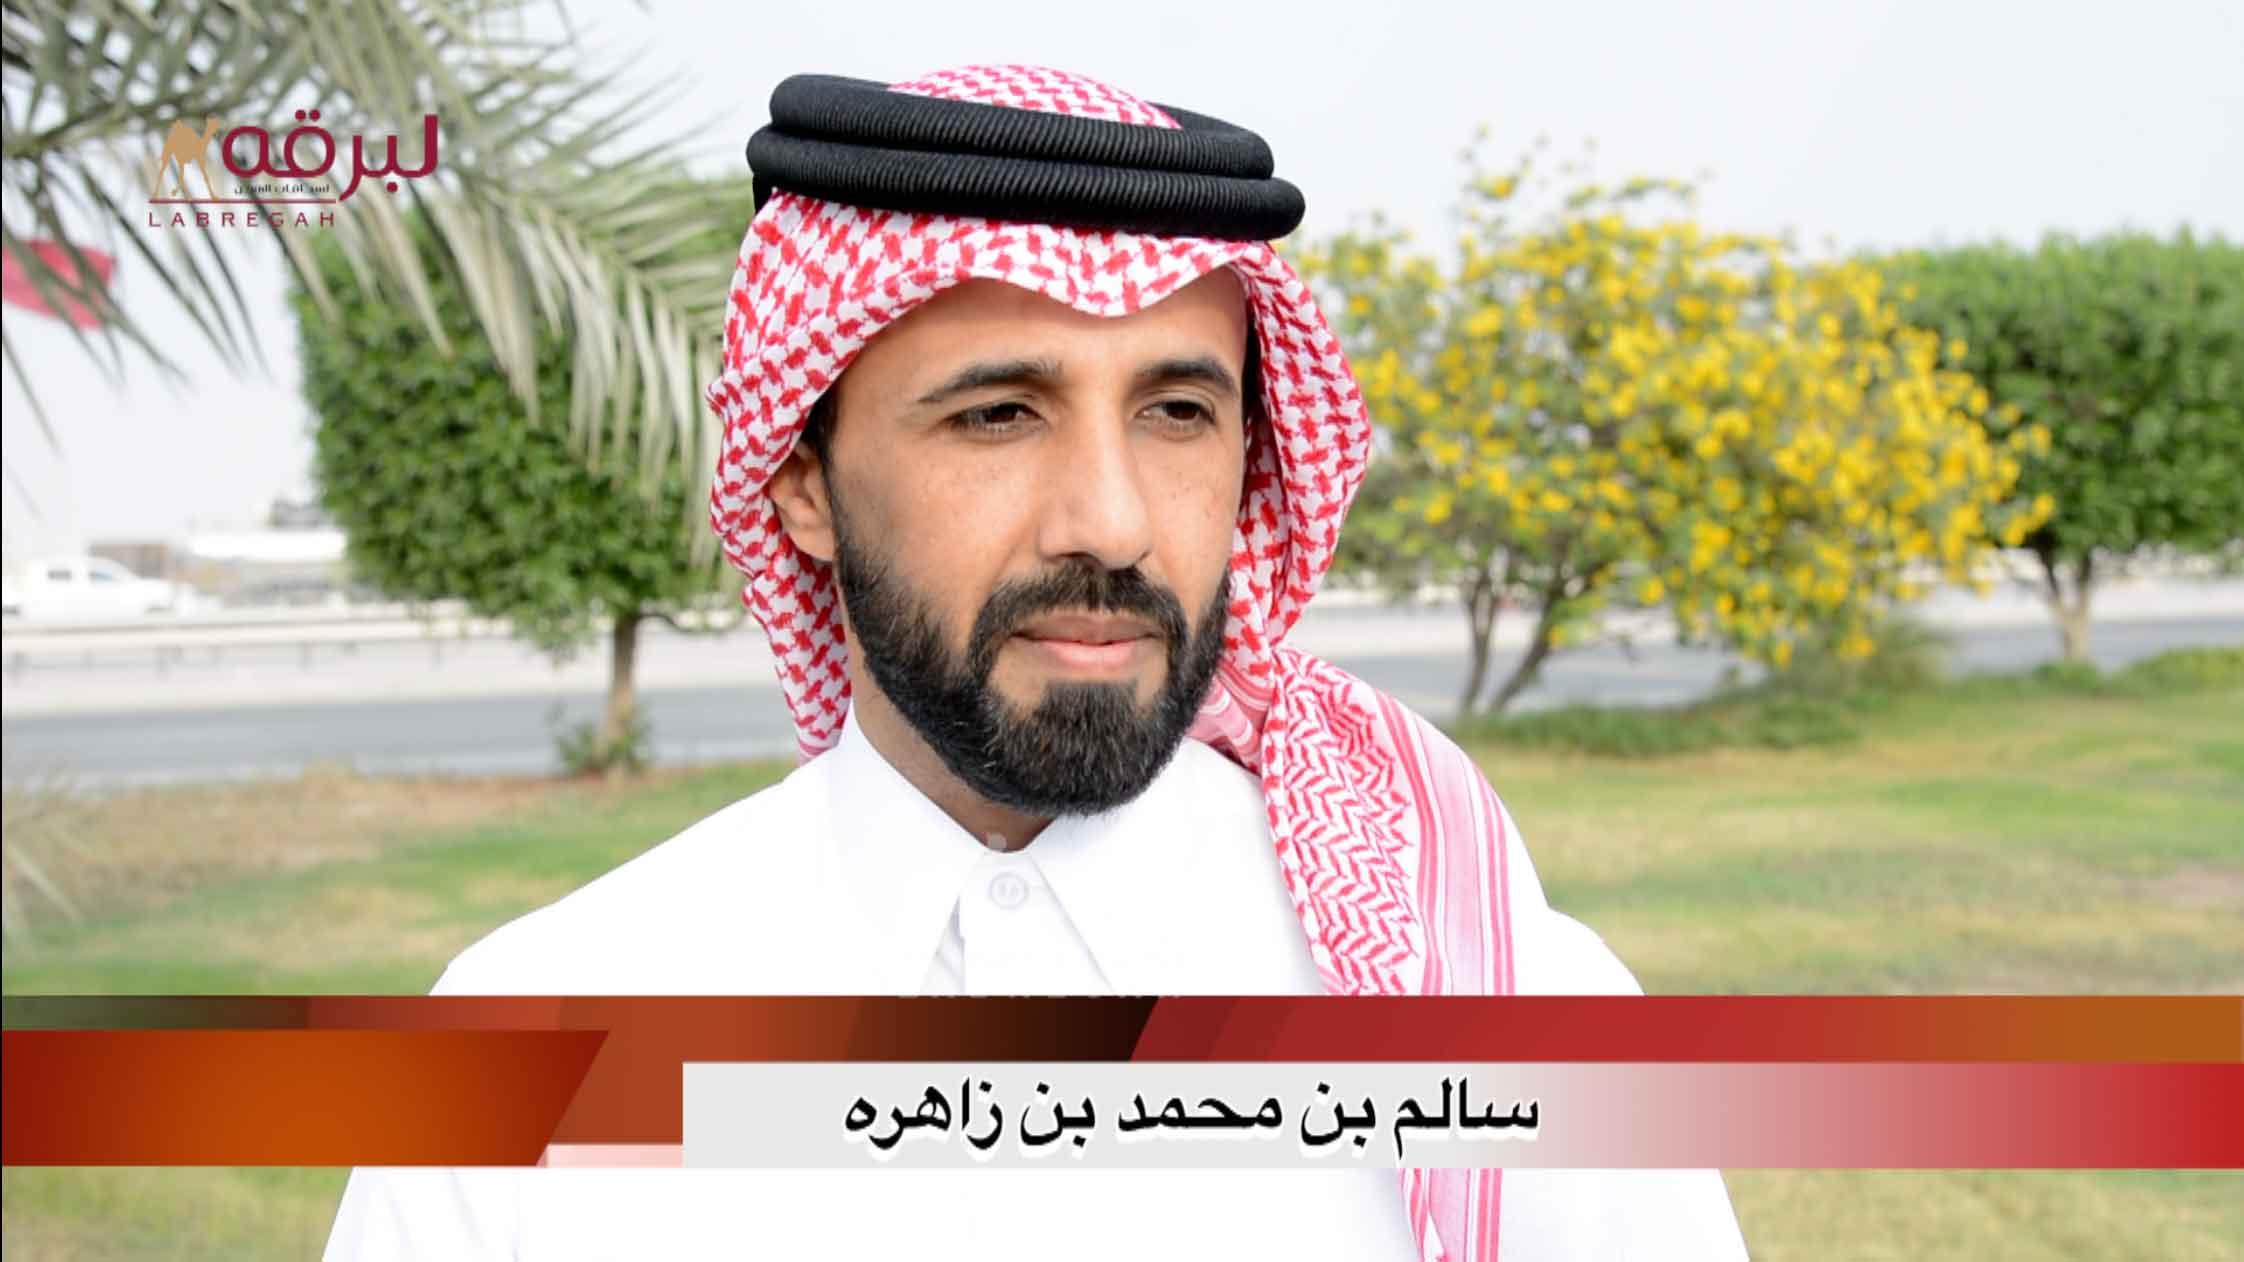 لقاء مع سالم بن محمد بن زاهره.. الخنجر الذهبي للقايا قعدان « إنتاج » الأشواط المفتوحة ٣٠-١١-٢٠٢٠